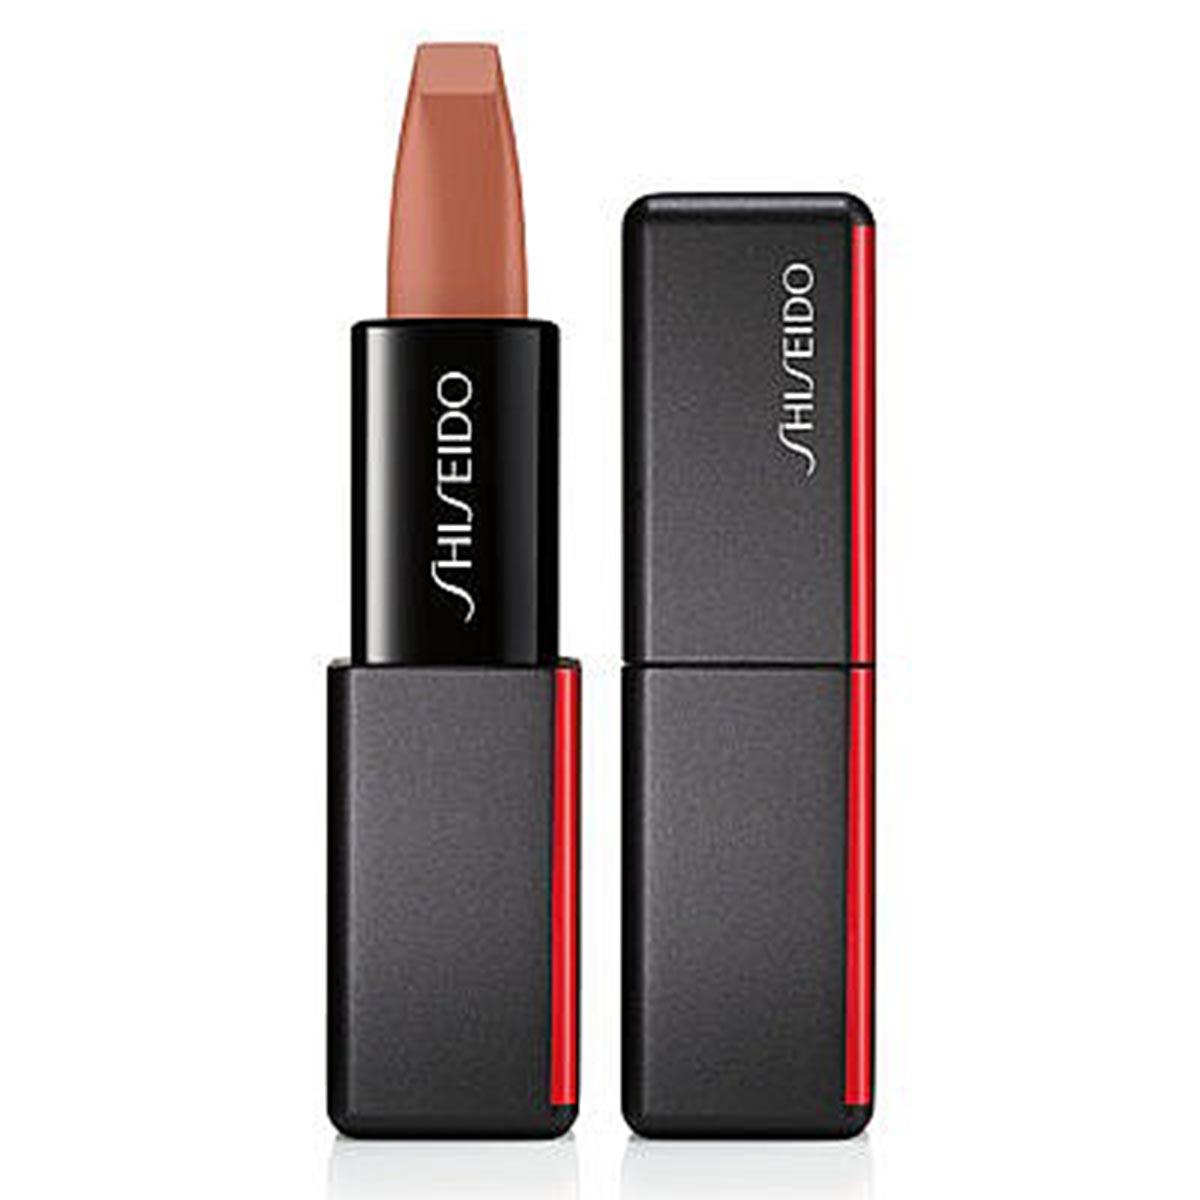 Shiseido modernmatte barra de labios 504 tigh high